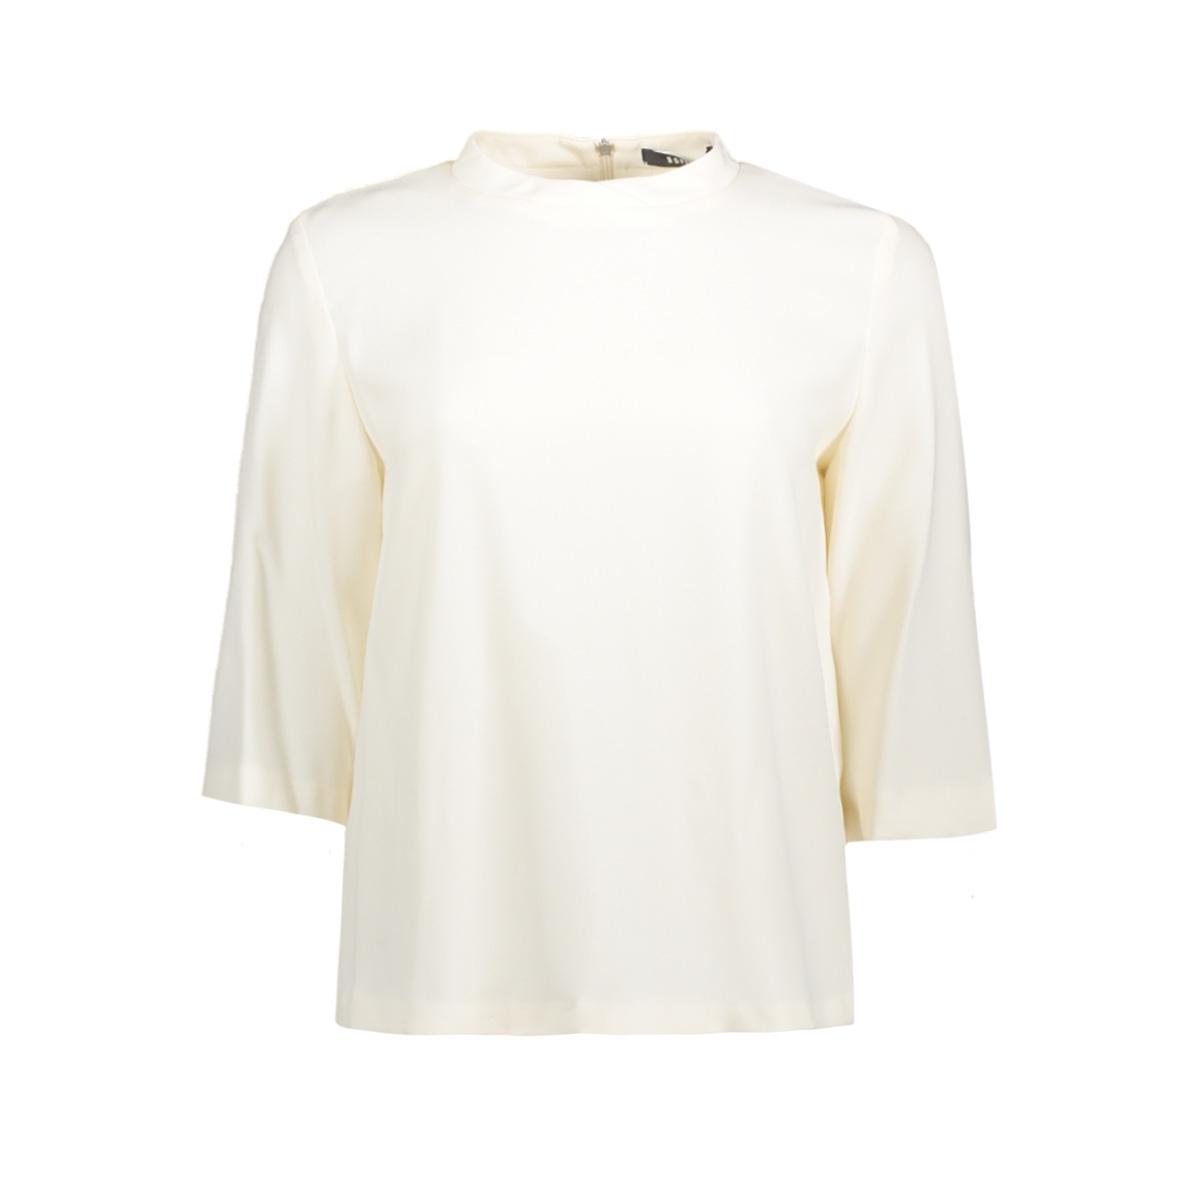 087eo1f023 esprit collection blouse e110